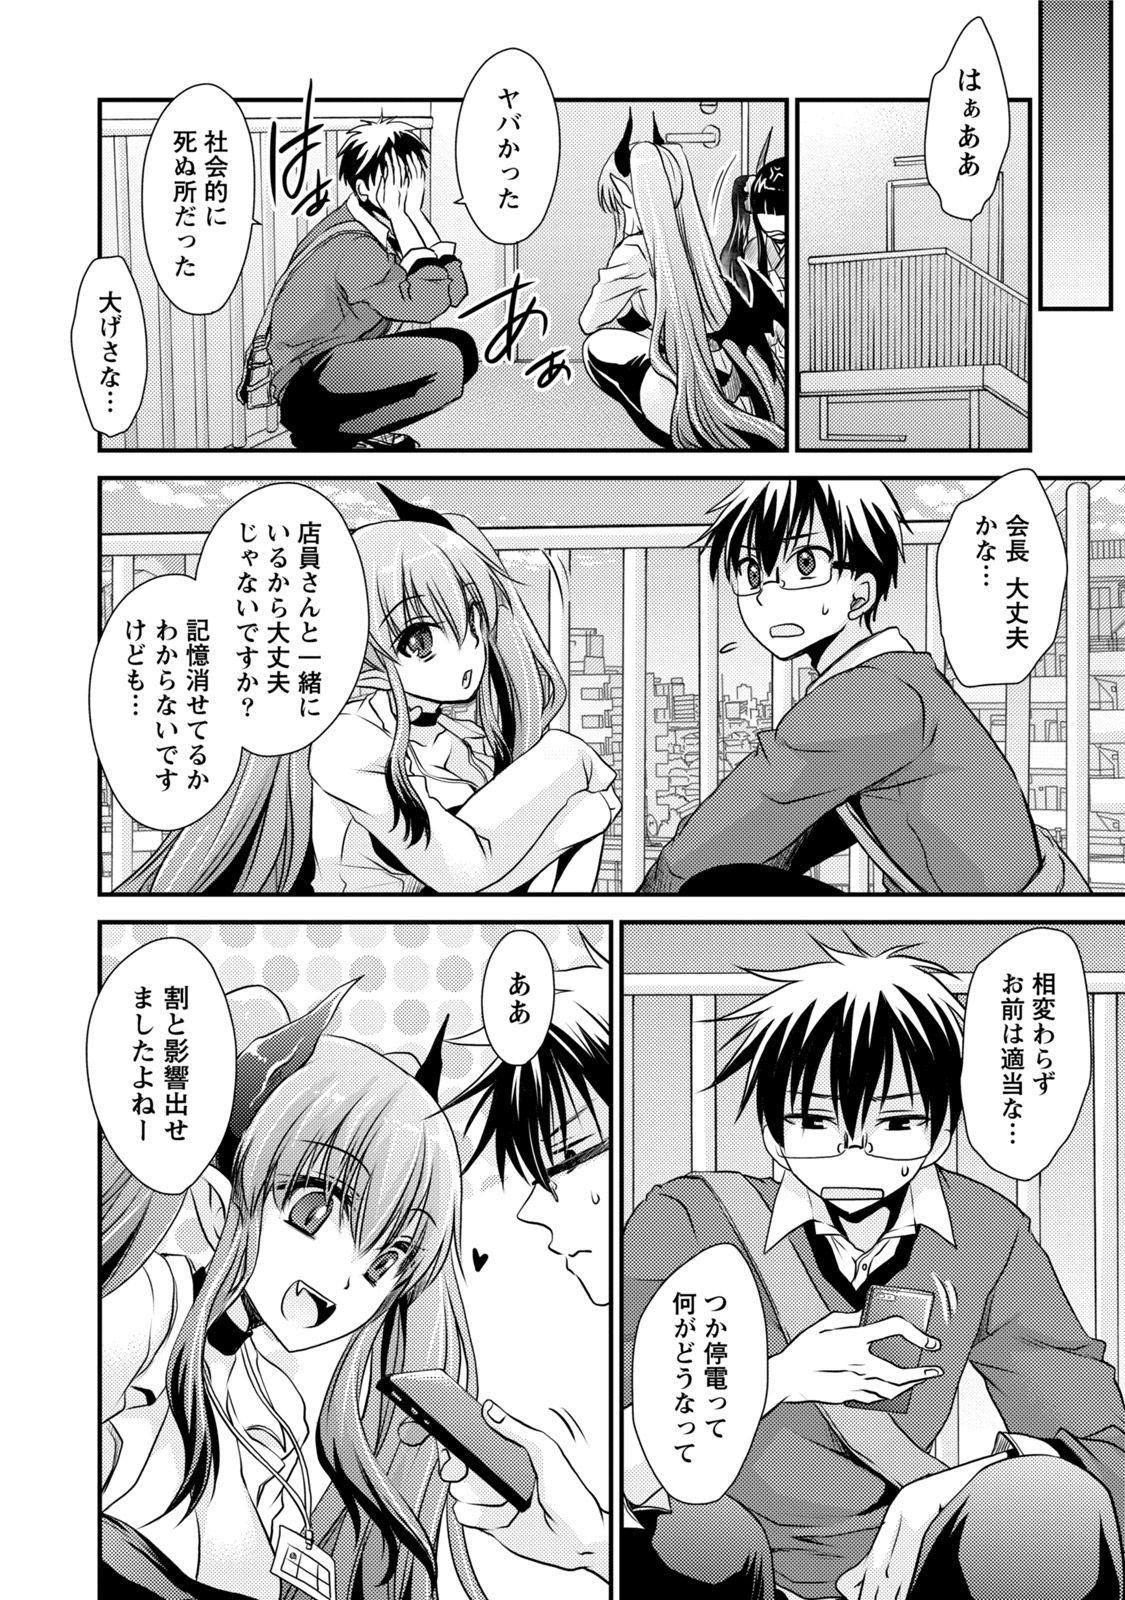 Ore to Kanojo to Owaru Sekai - World's end LoveStory 1 132